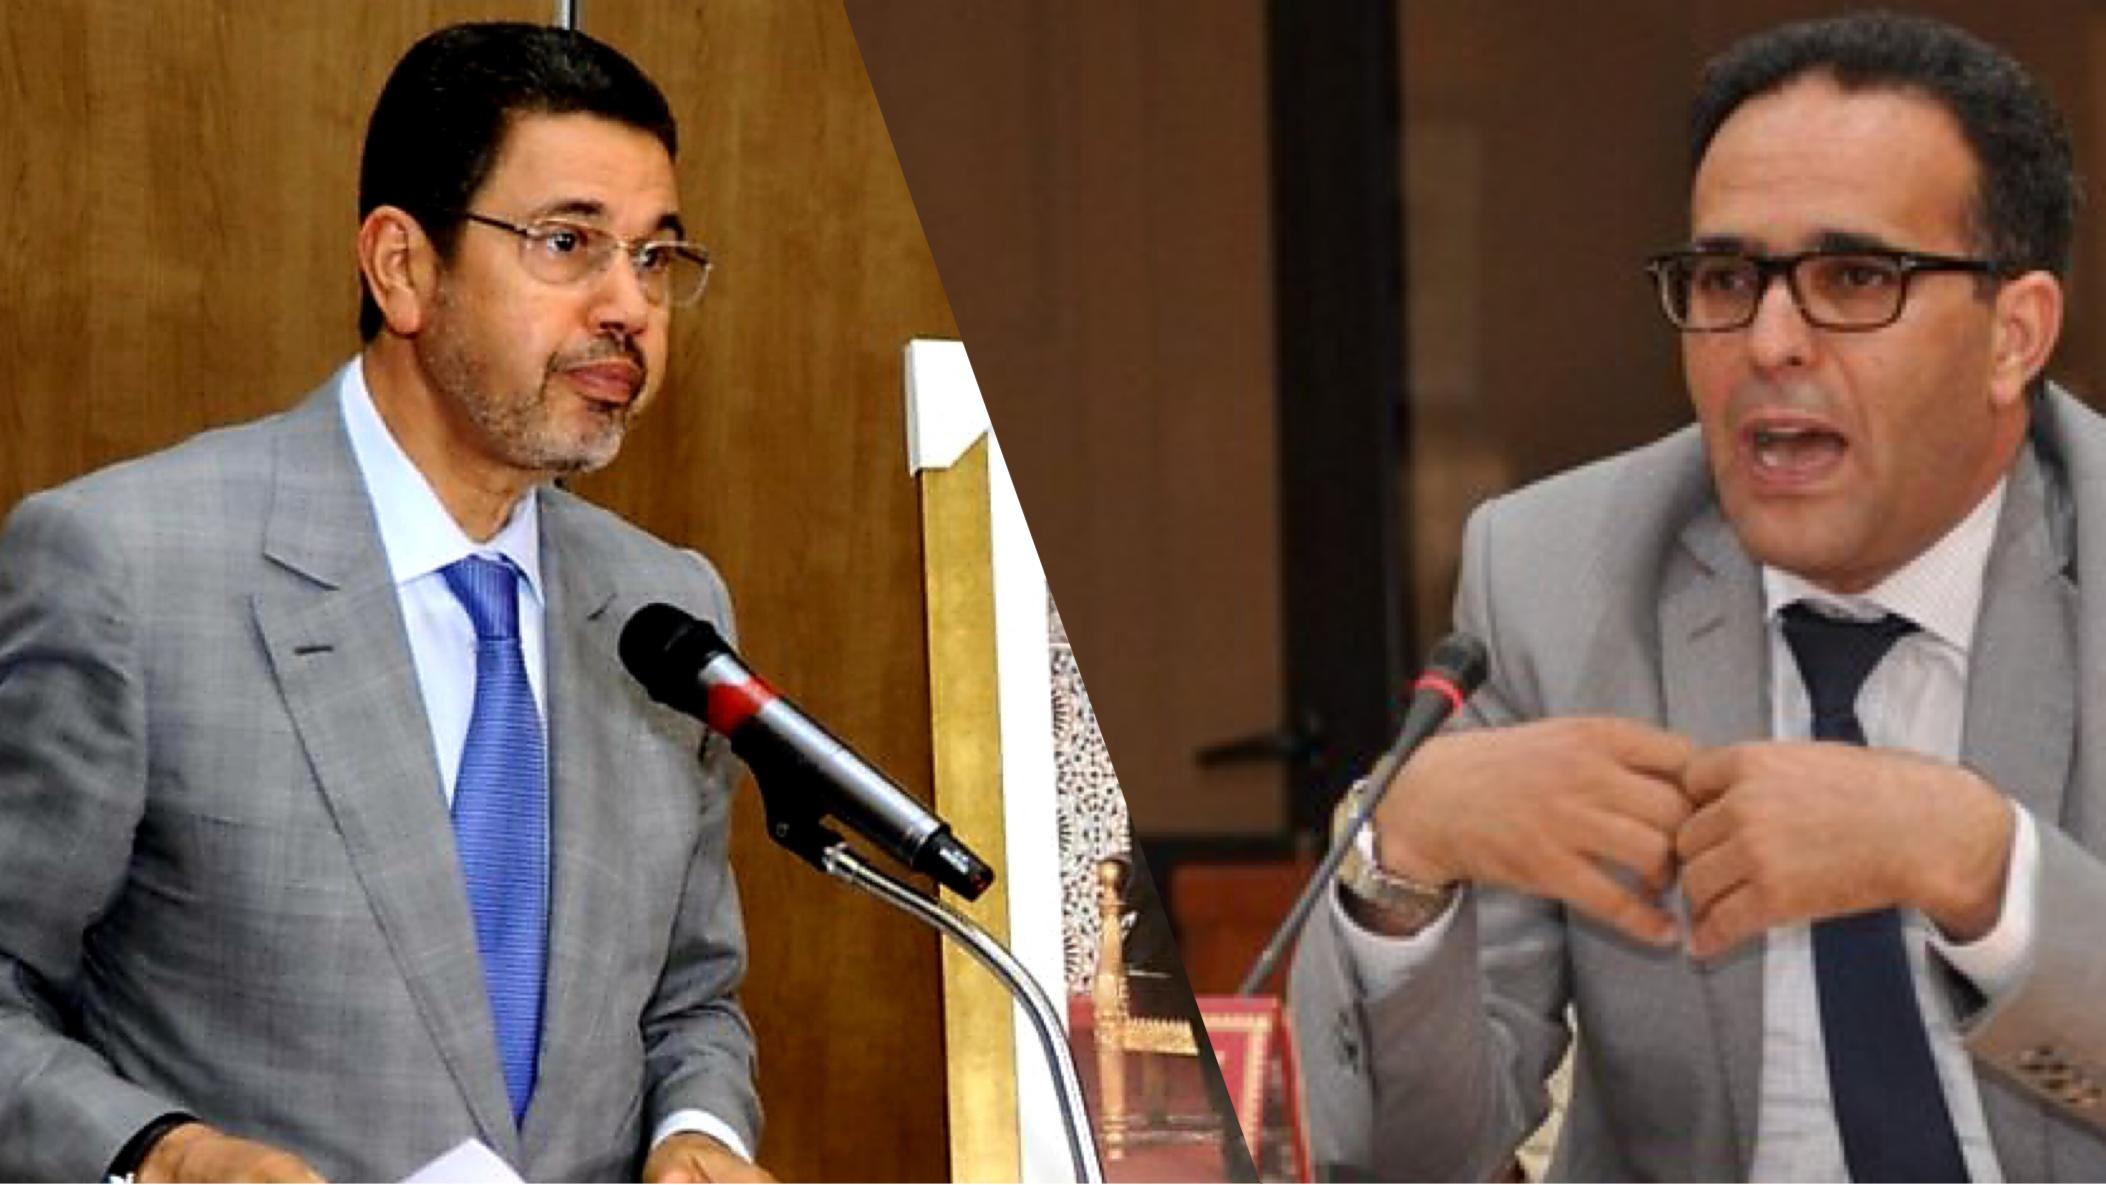 صورة الغلوسي يدعو عبد النباوي إلى متابعة أحزاب اختلست أموالا عمومية